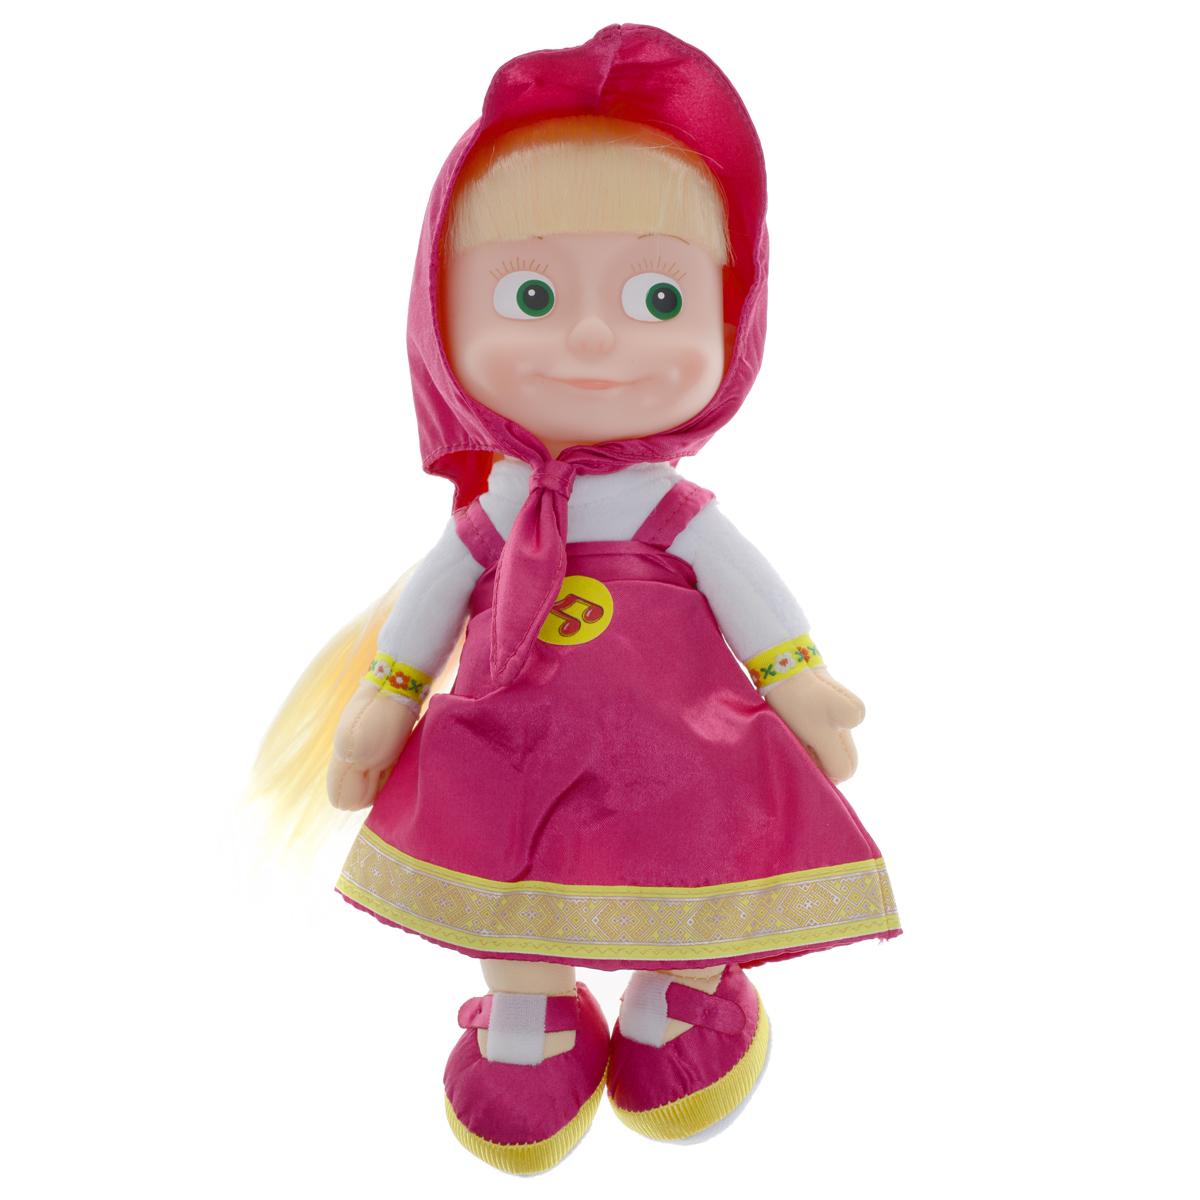 Мульти-Пульти Мягкая кукла МашаV85833/30AМягкая озвученная игрушка Мульти-Пульти Маша вызовет улыбку у каждого, кто ее увидит! Она выполнена в виде Маши - главной героини популярного мультсериала Маша и Медведь. Туловище игрушки - мягконабивное, голова - пластиковая. Одета она в свой любимый лиловый сарафан, на голове повязан платочек такого же цвета, под ним - длинные светлые волосы, заплетенные в косу. Если нажать игрушке на животик, Маша произнесет одну из коронных фраз своей героини или споет песенку из мультфильма. Игрушка подарит своему обладателю хорошее настроение и позволит насладиться обществом любимого героя. Характеристики: Материал: текстиль, пластик. Размер игрушки (ДхШхВ): 14 см х 9 см х 28 см. Игрушка работает от 3 батареек типа таблетка (входят в комплект).